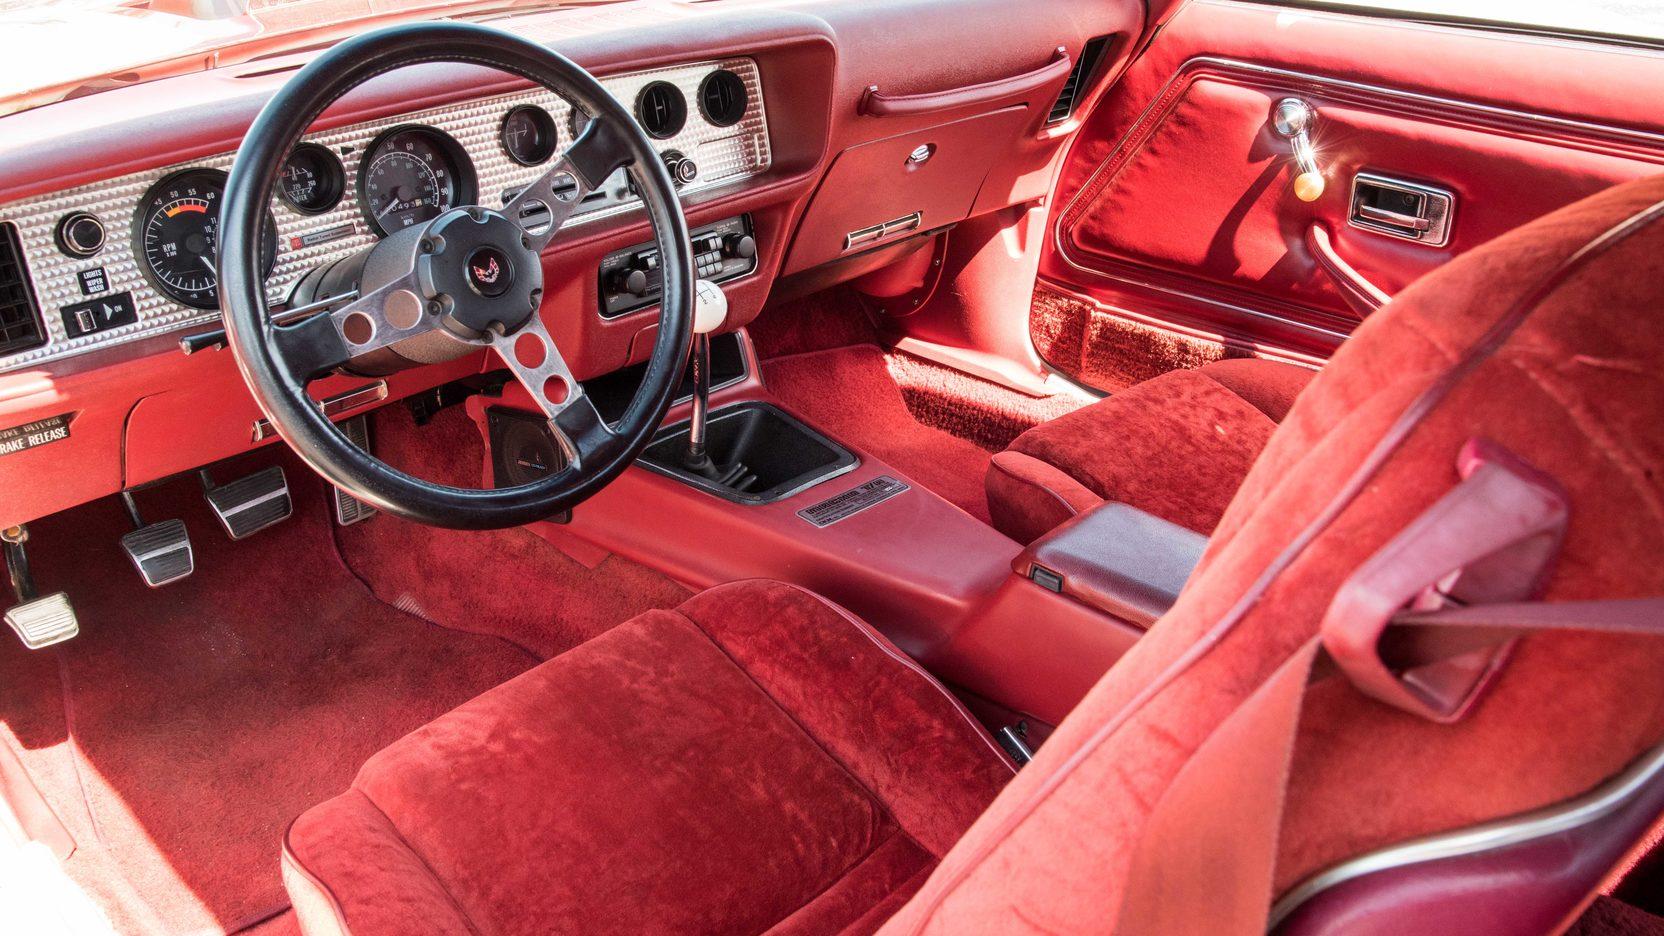 1978 Pontiac Macho Trans Am interior